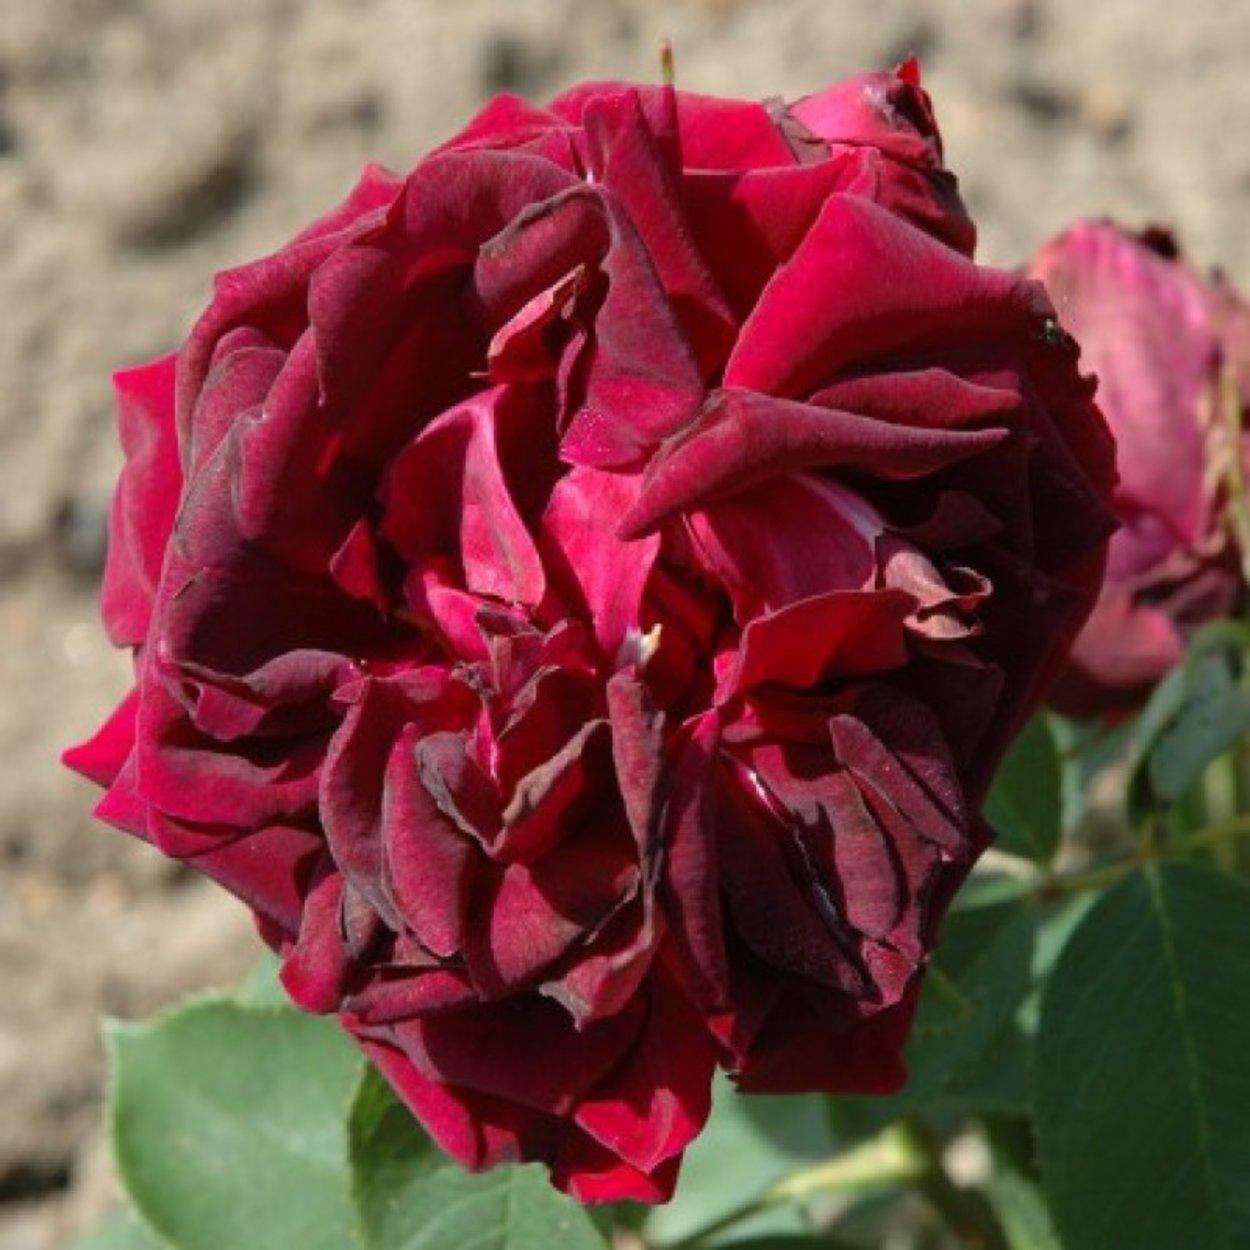 роза черный принц фото описание туристов поездке рим